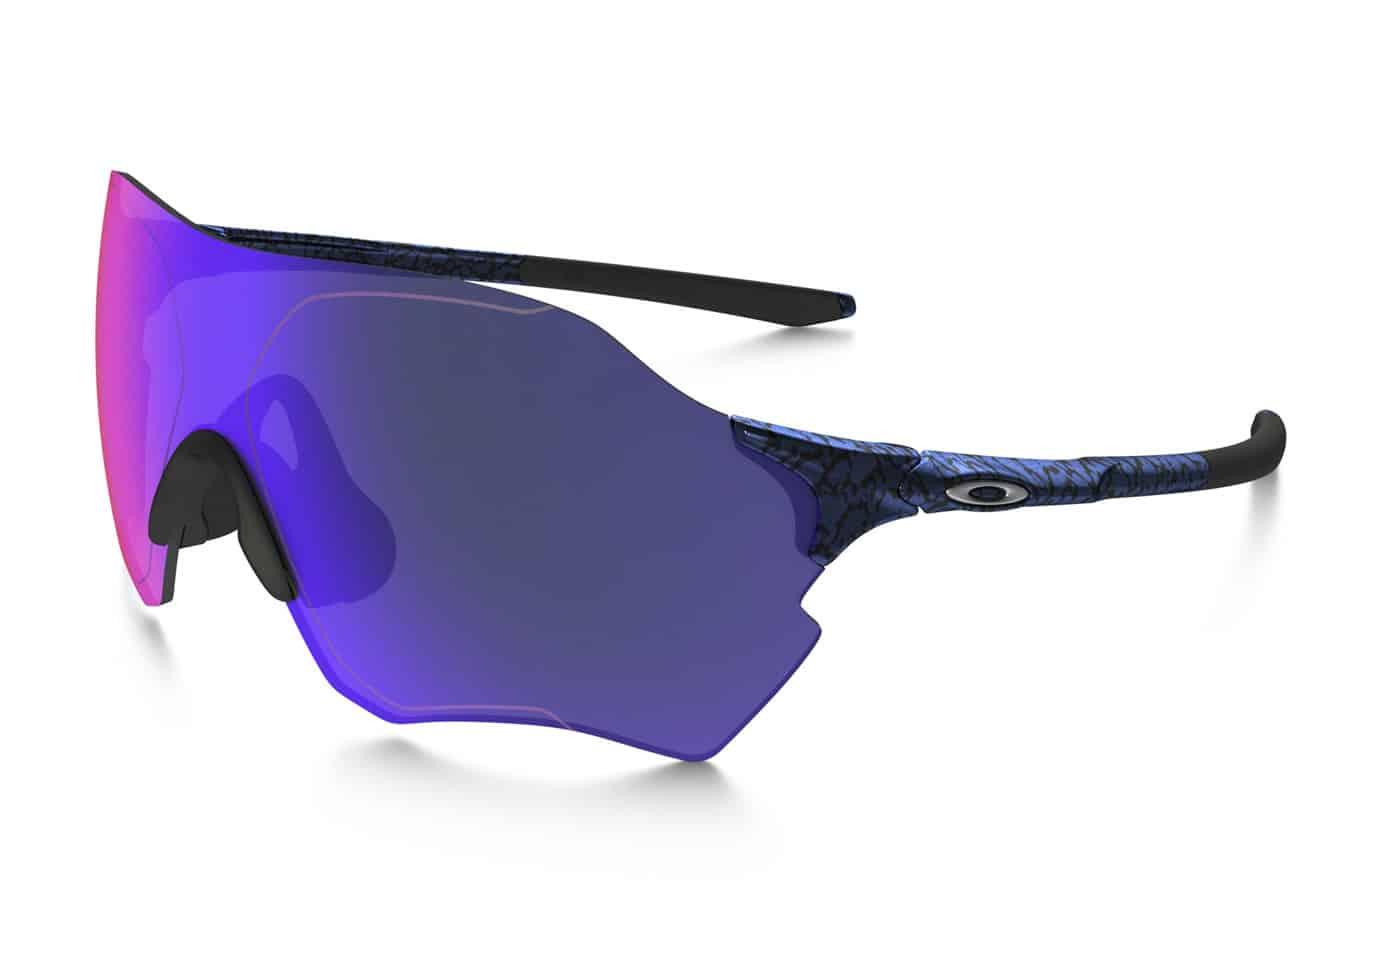 221d34318dc1f Gafas Oakley EVZERO Range - Tu Tienda de Bicicletas Online ...